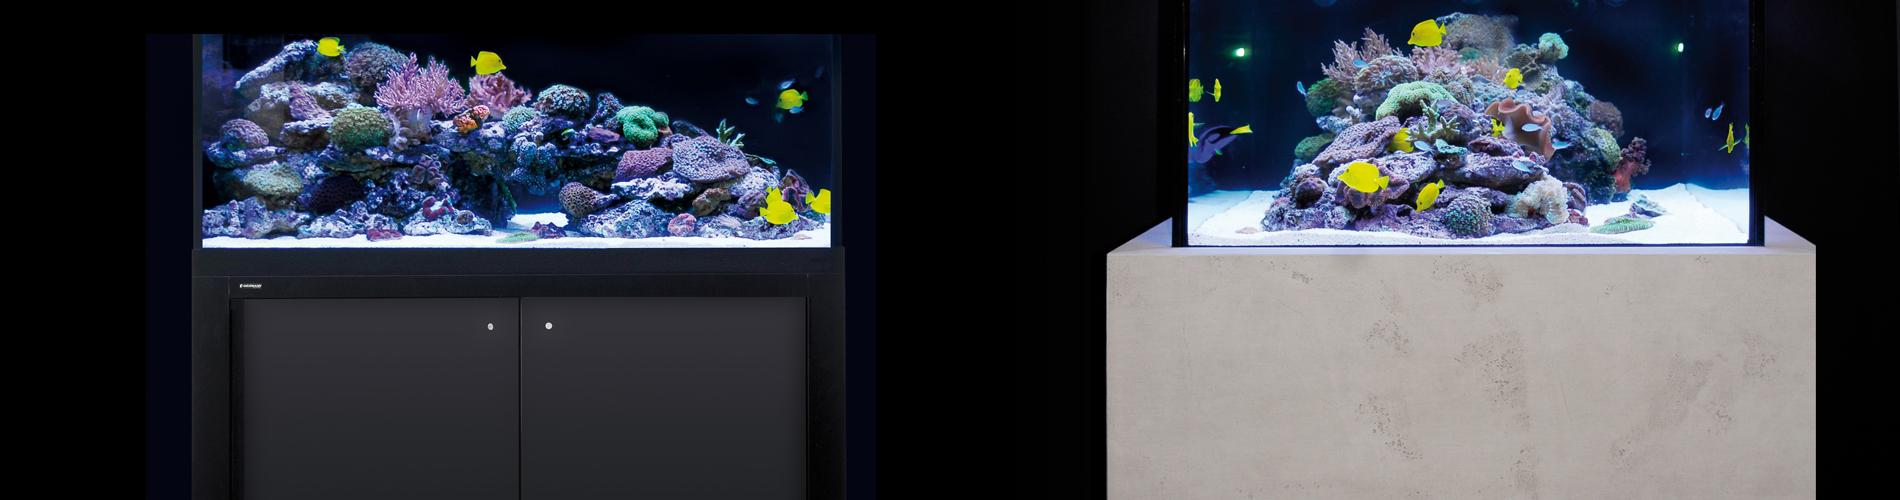 PULZAR Giesemann Aquaristic